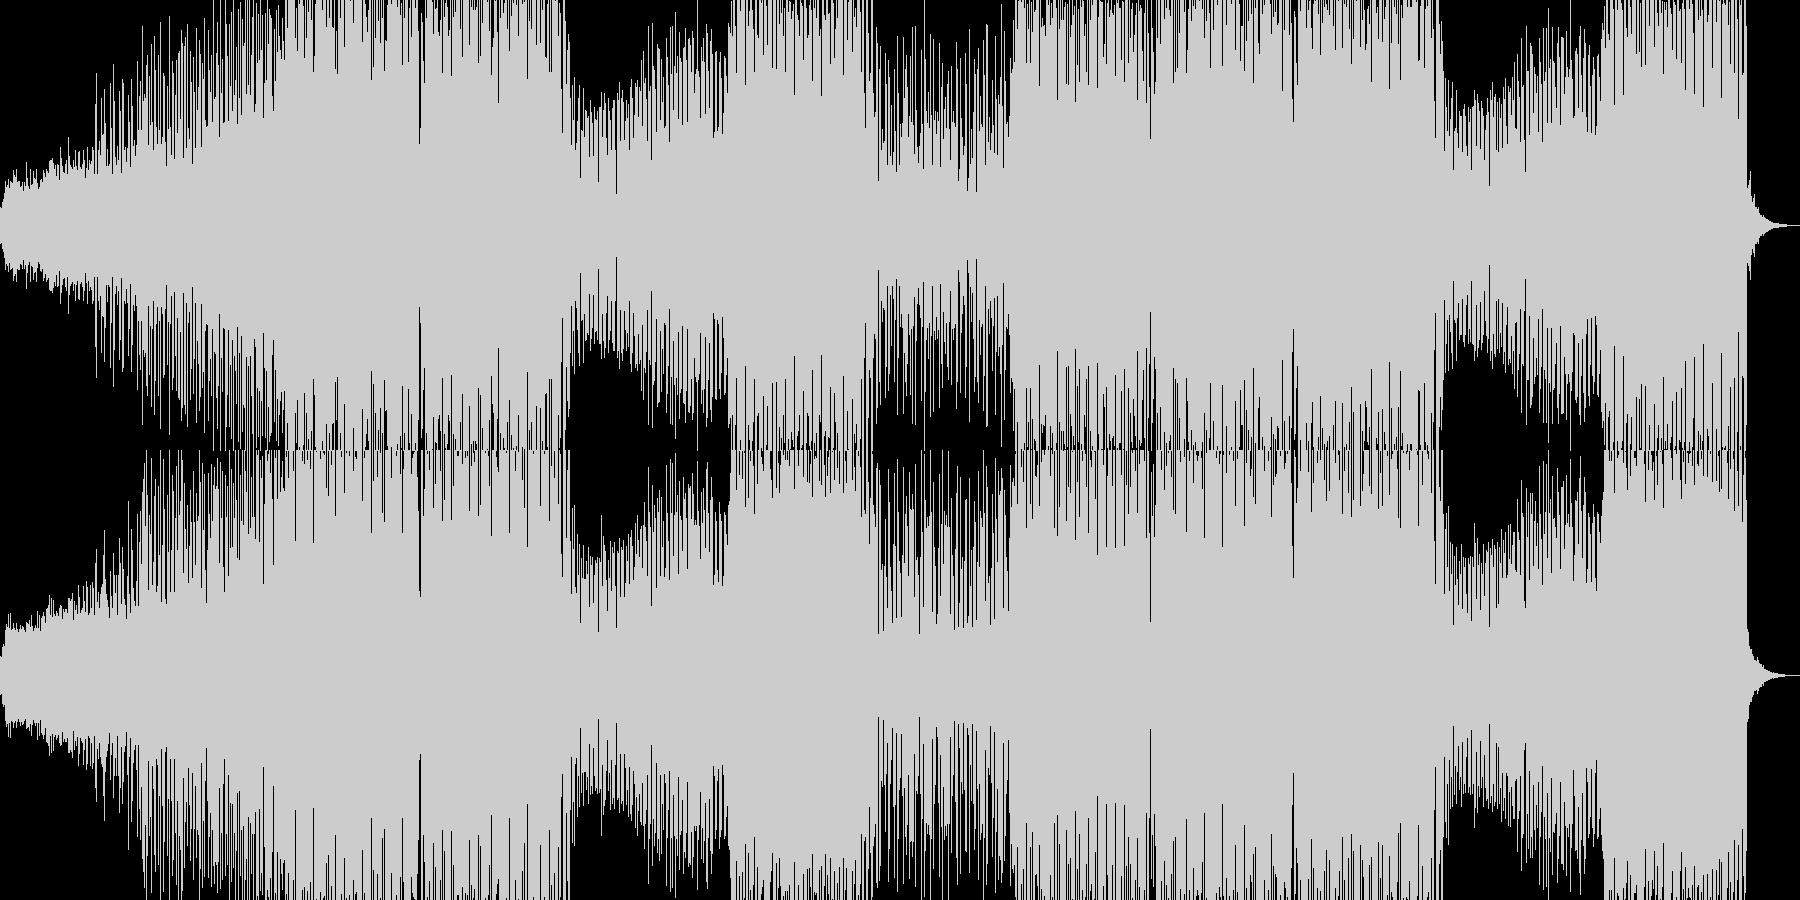 エネルギッシュでファンキーなダンス音楽の未再生の波形